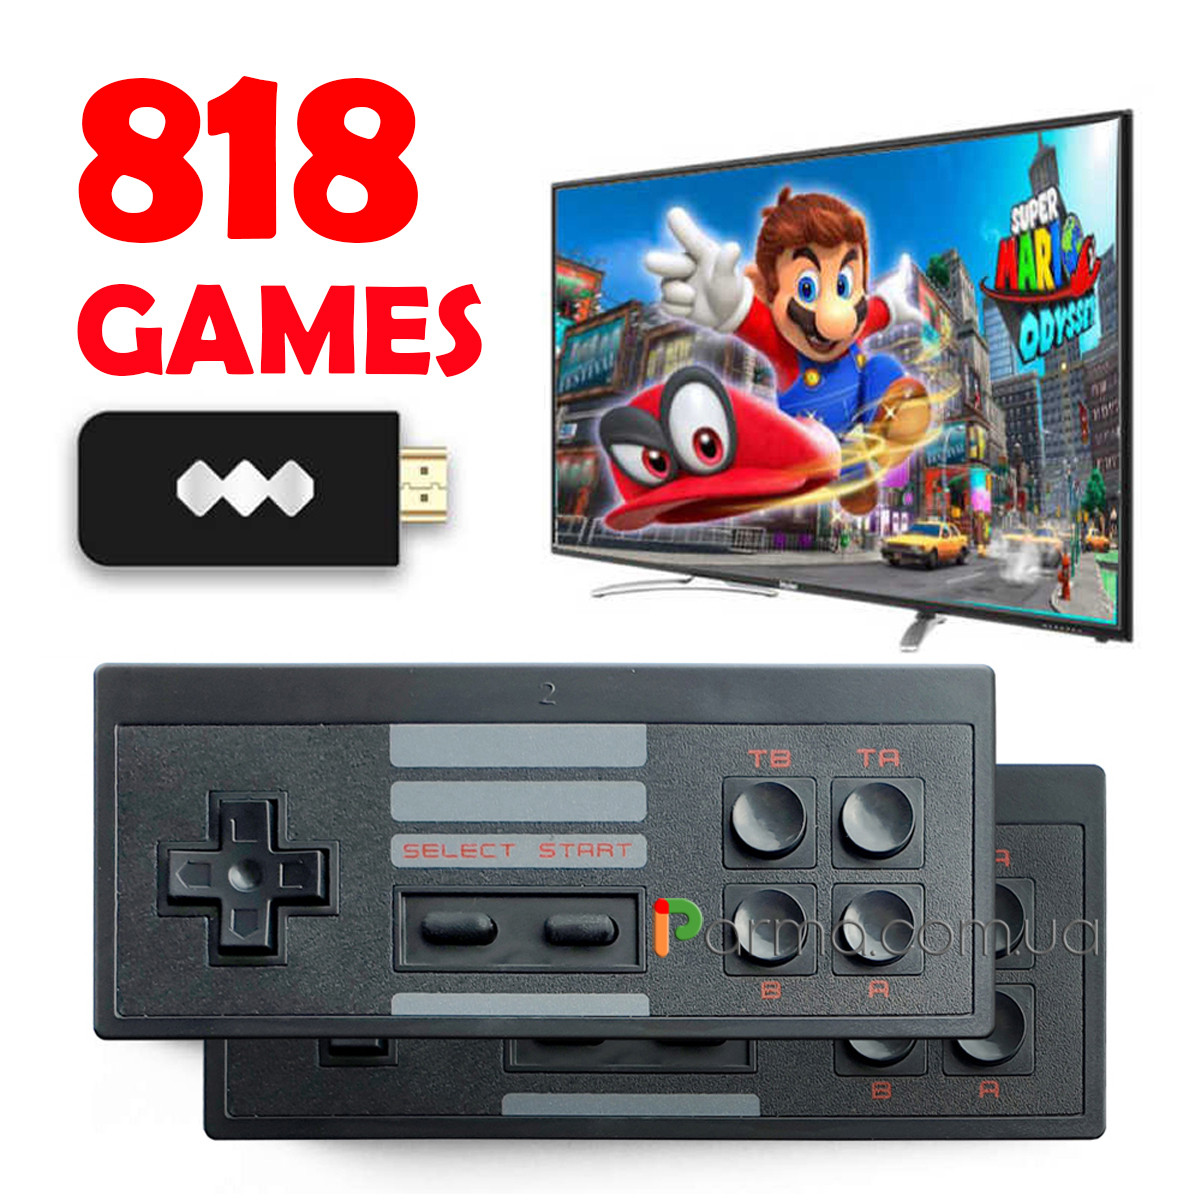 Игровая приставка Dendy HDMI  | 818 встроенных игр 8 бит